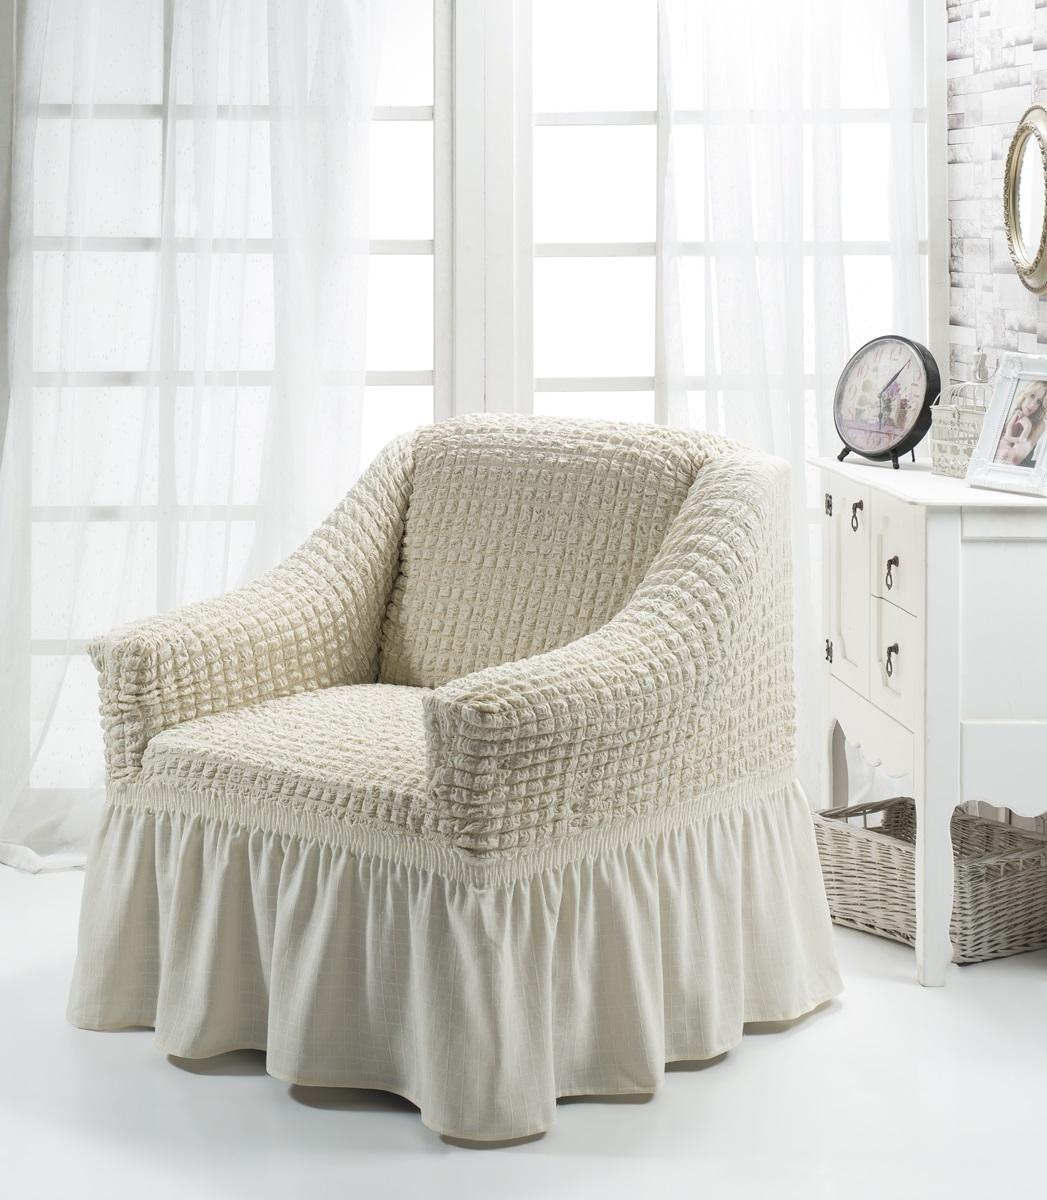 Чехол для кресла Karna Bulsan, цвет: кремовый1797/CHAR009Универсальный чехол для кресла Karna Bulsan изготовлен из высококачественного материала на основе полиэстера и хлопка и дополнен широкой юбкой, скрывающей низ мебели.Изделие оснащено фиксаторами, которые позволяют надежно закрепить чехол на мебели. Фиксаторы вставляются в расстояние между спинкой и сиденьем, фиксируя чехол в одном положении, и не позволяя ему съезжать и терять форму. Фиксаторы особенно необходимы в том случае, если у вас кожаная мебель или мебель нестандартных габаритов.Характеристики: Плотность: 360 гр/м2.Ширина и глубина посадочного места: 70-80 см. Высота спинки от посадочного места: 70-80 см. Высота подлокотников: 35-45 см. Ширина подлокотников: 25-35 см. Высота юбки: 35 см.